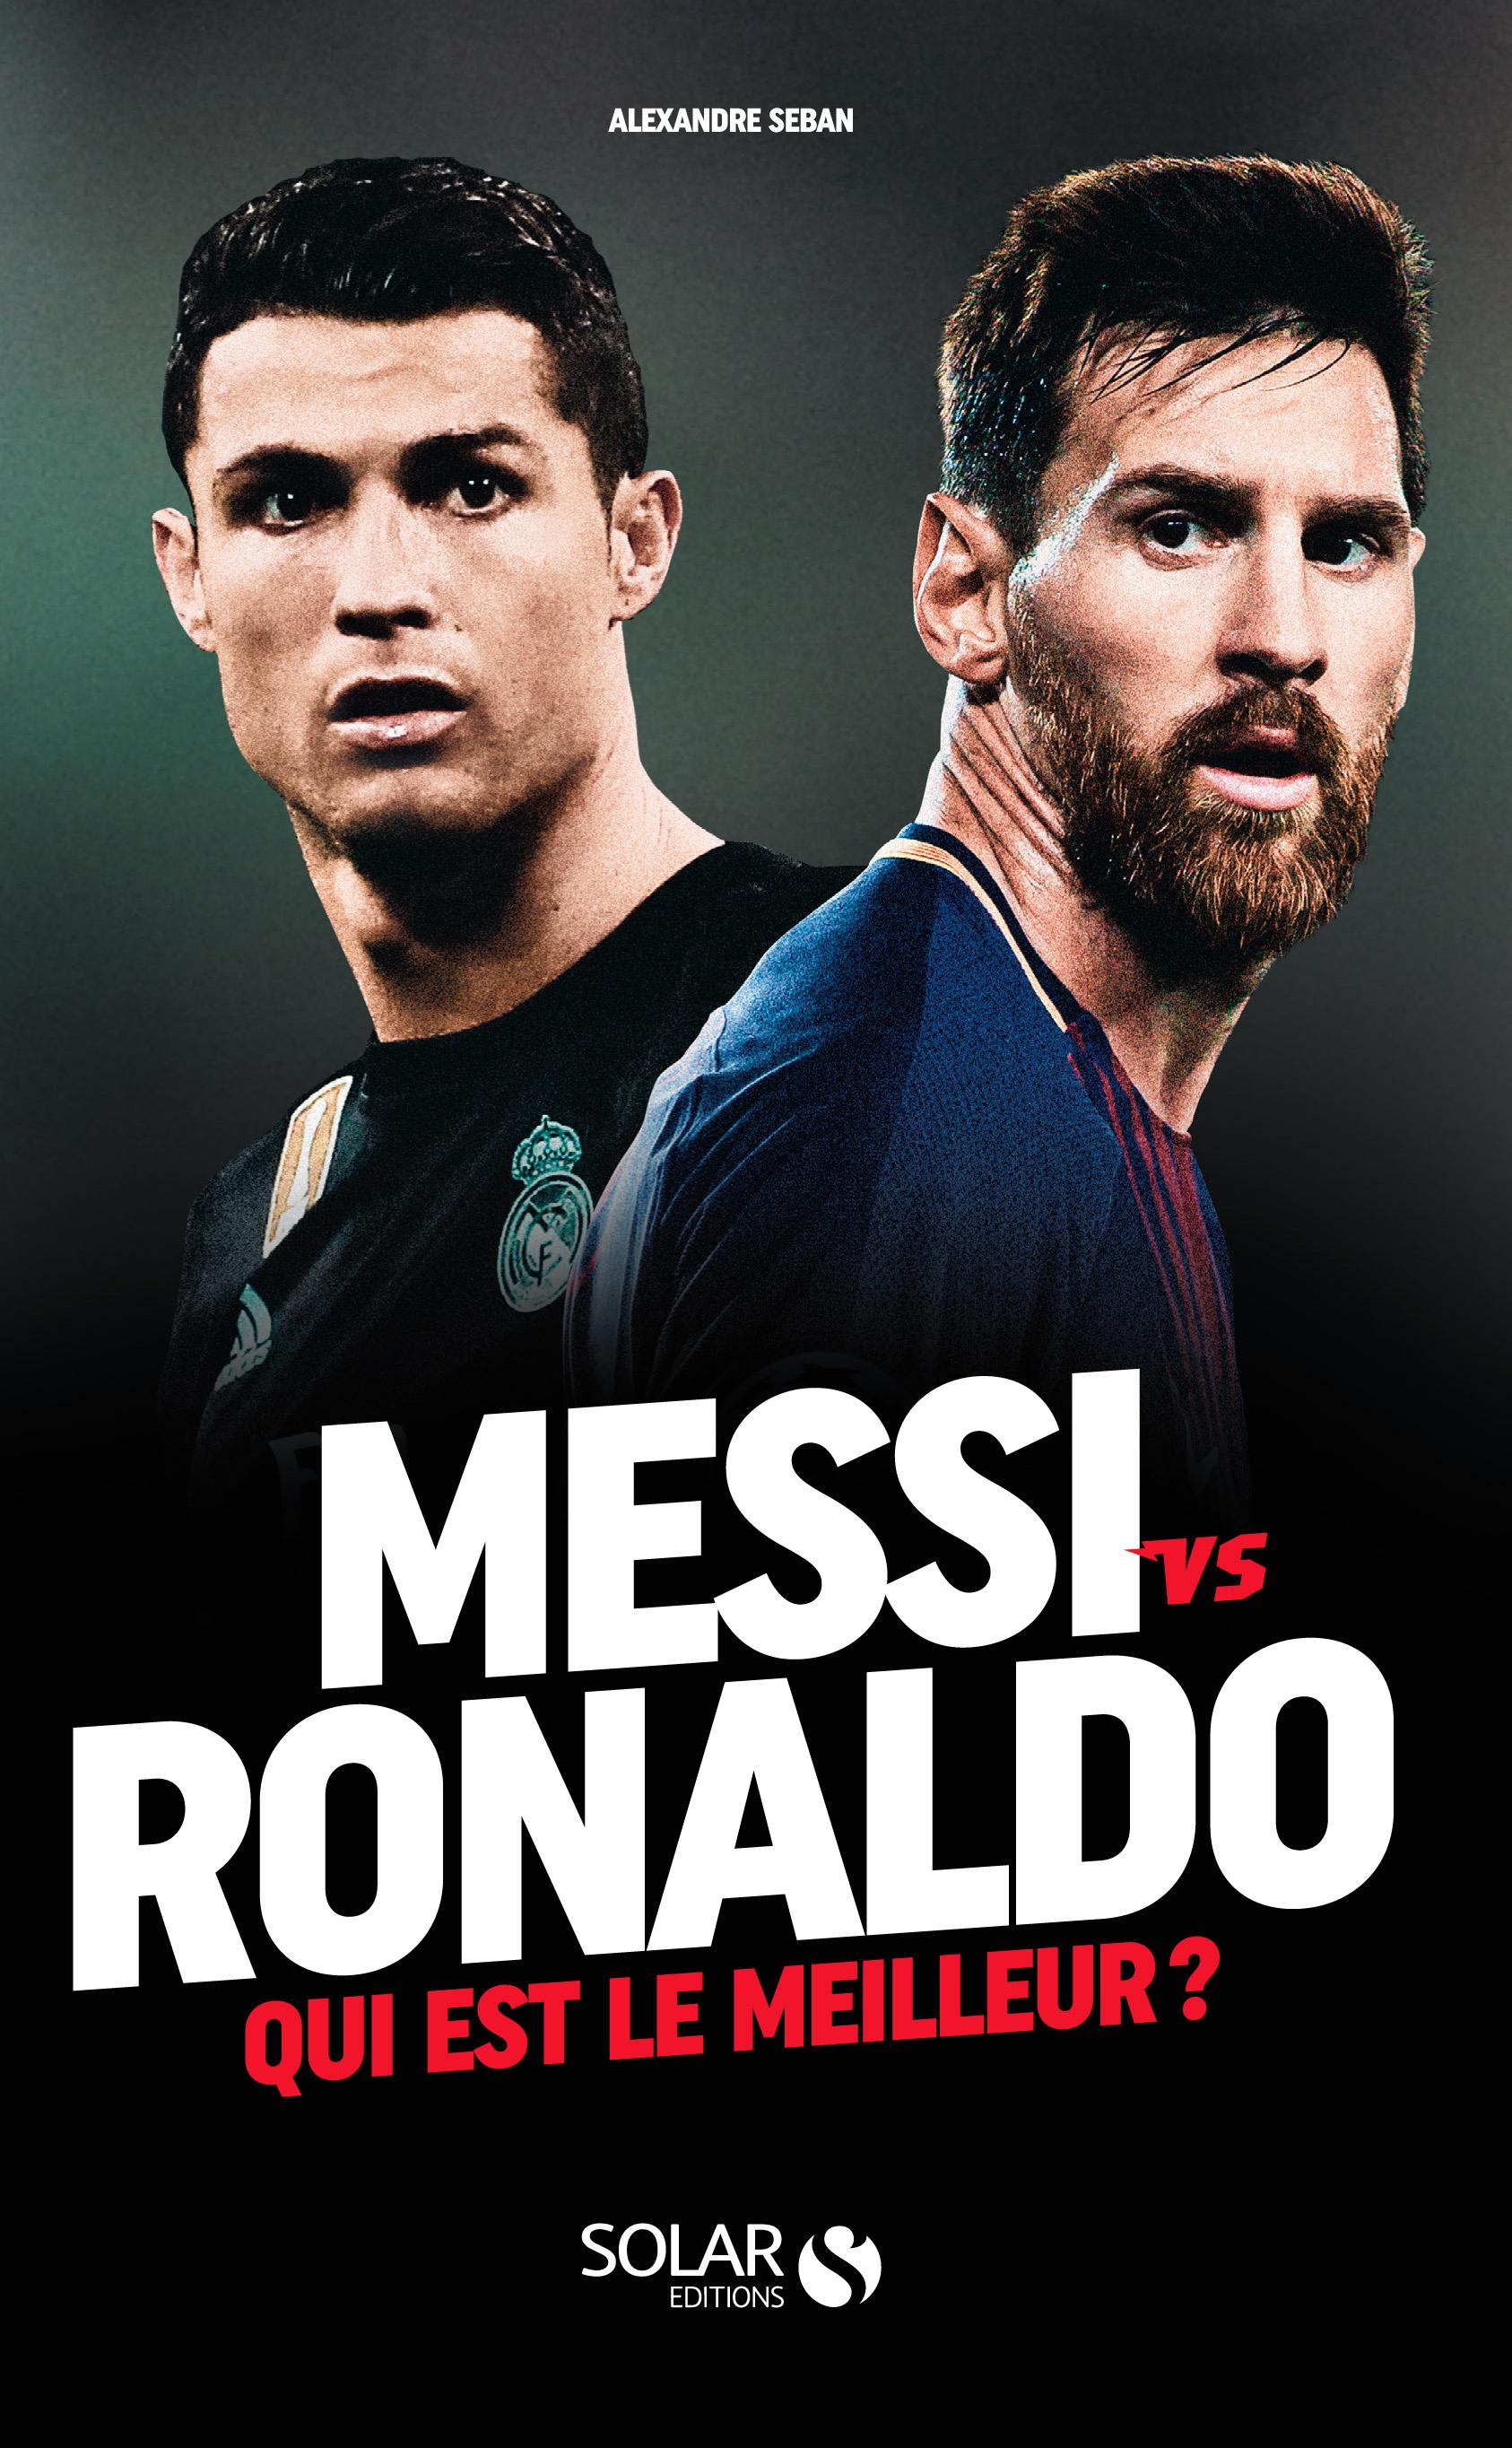 MESSI VS RONALDO Qui est le meilleur ?